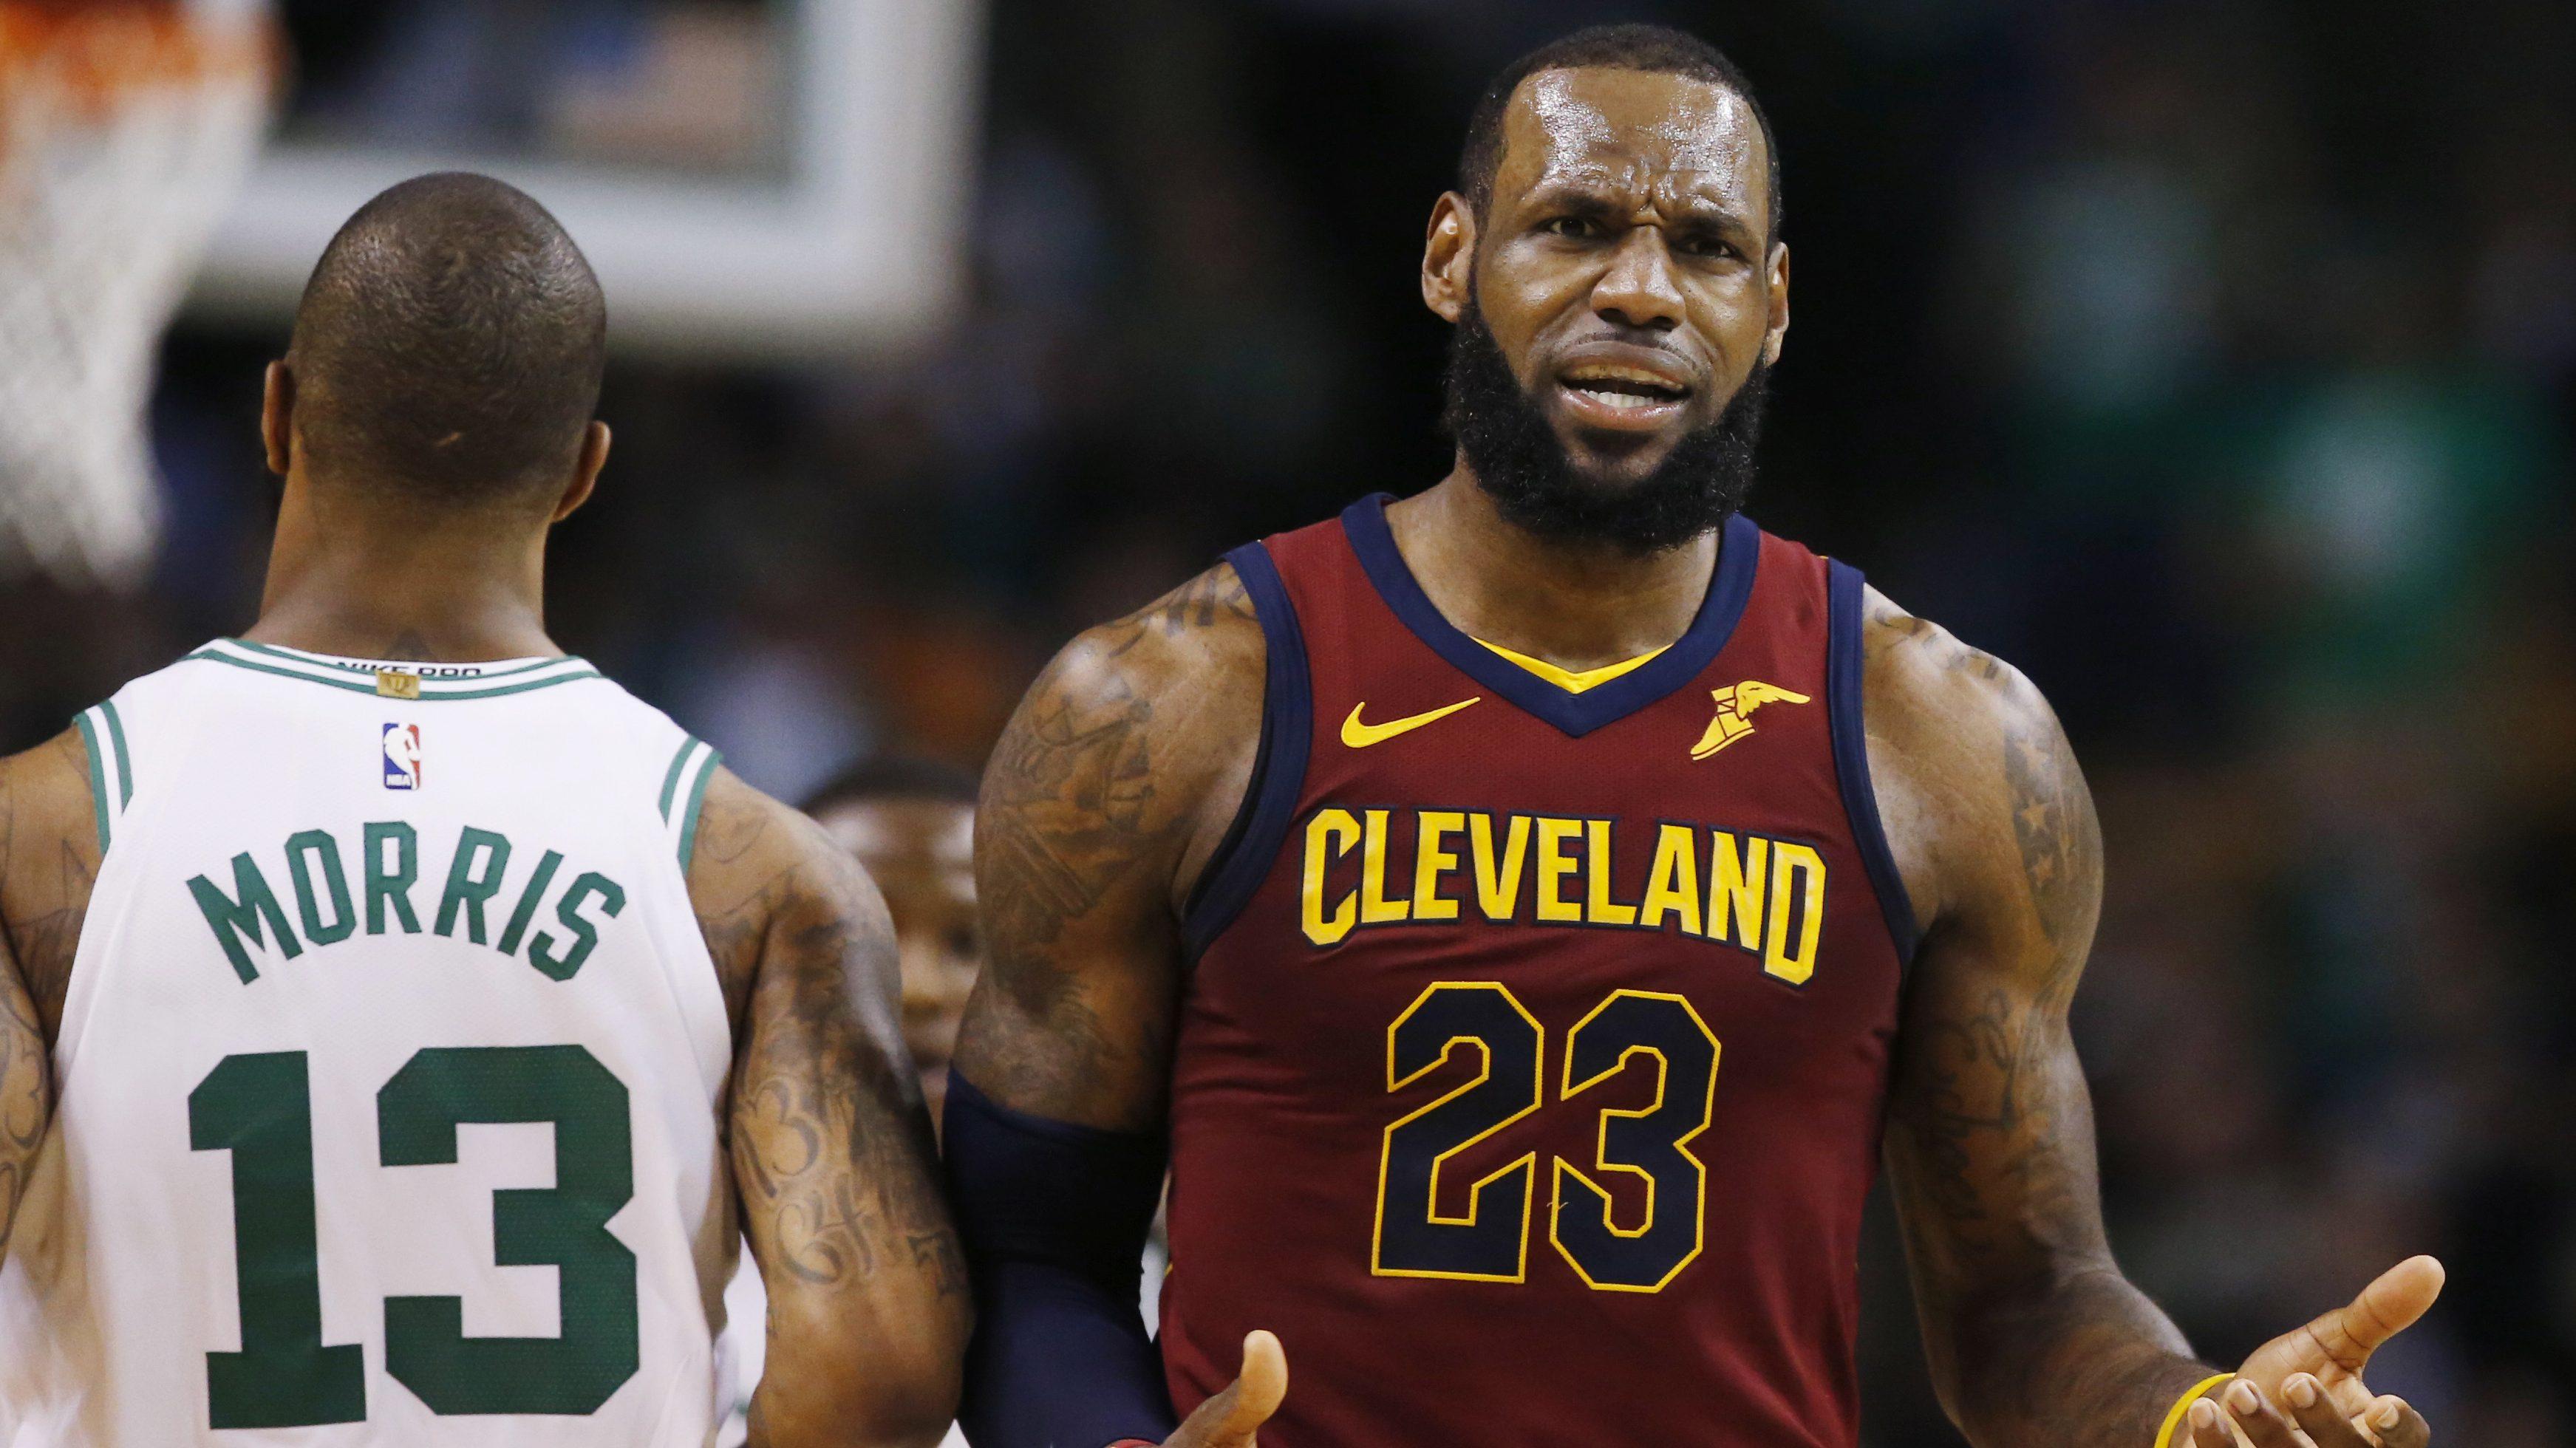 lead a third team to an NBA championship